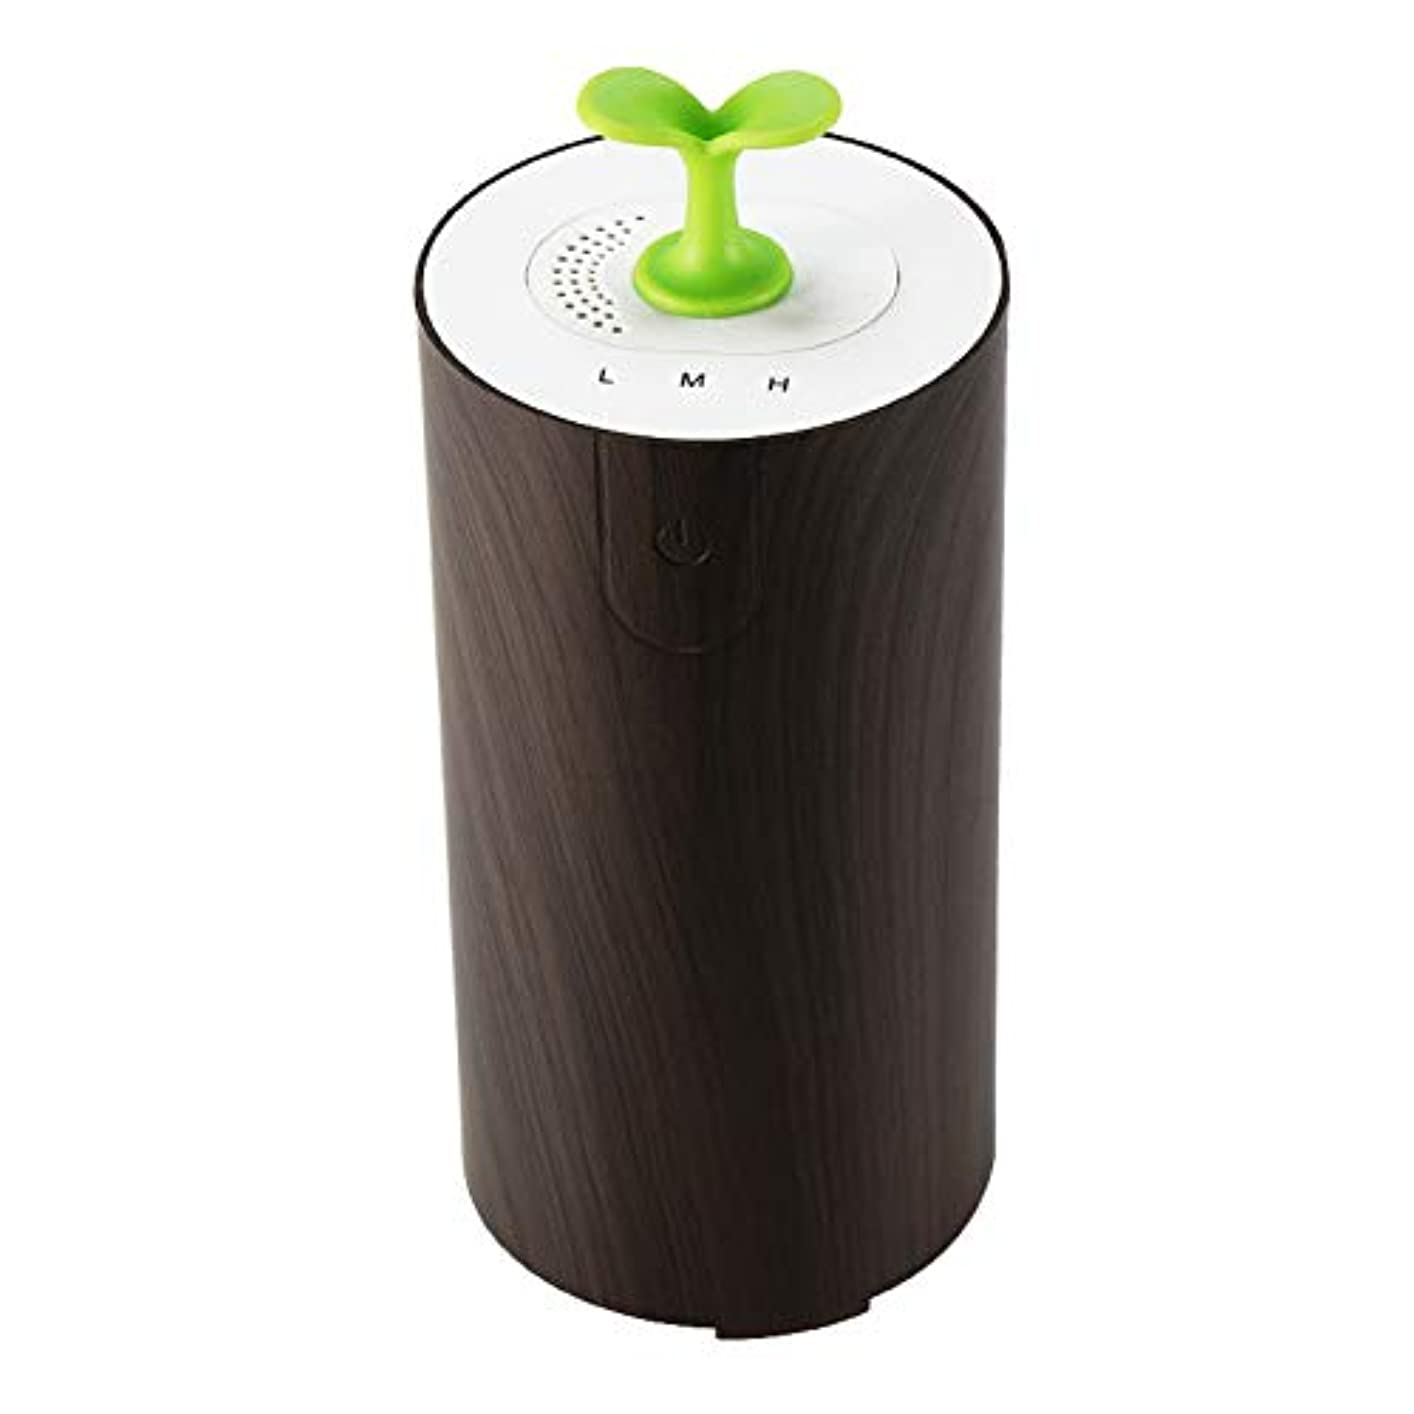 組立クマノミ生む車のアロマテラピーマシン清浄機、エッセンシャルオイルディフューザー多機能USBアロマ加湿器、水なし低燃費,deepwoodgrain